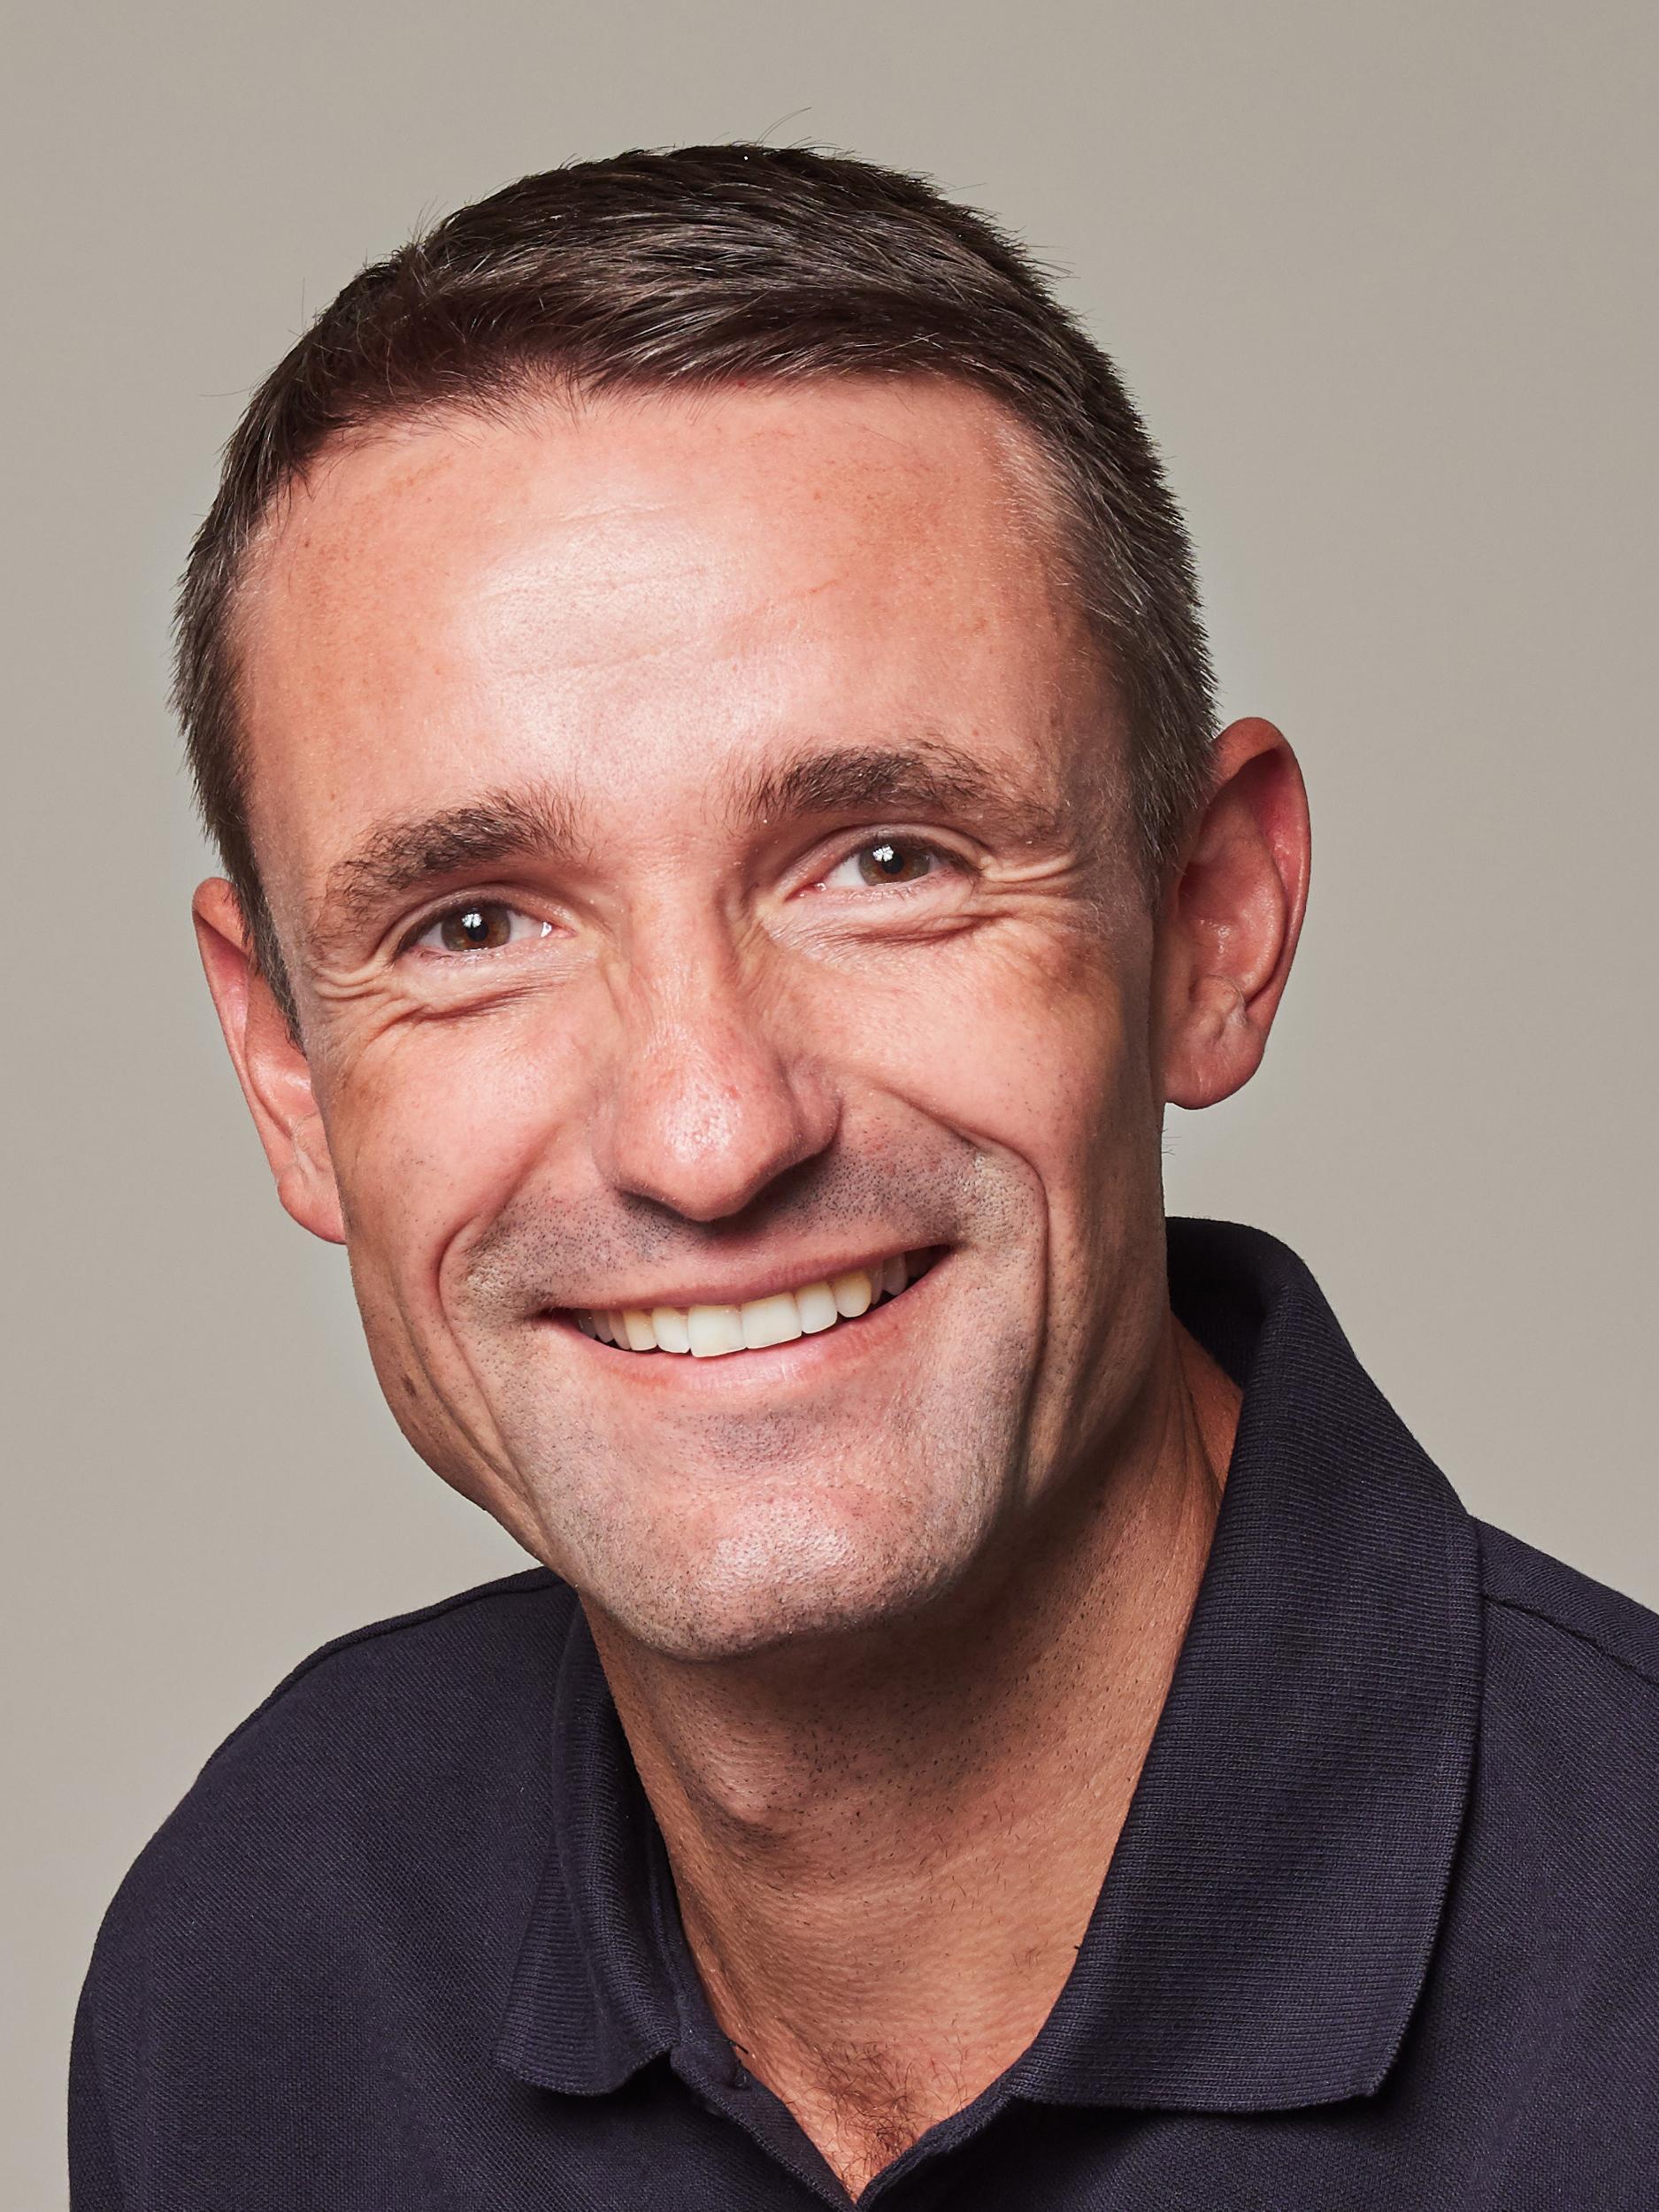 Bgm. Jürgen Koppensteiner (Kontakt Allentsteig)